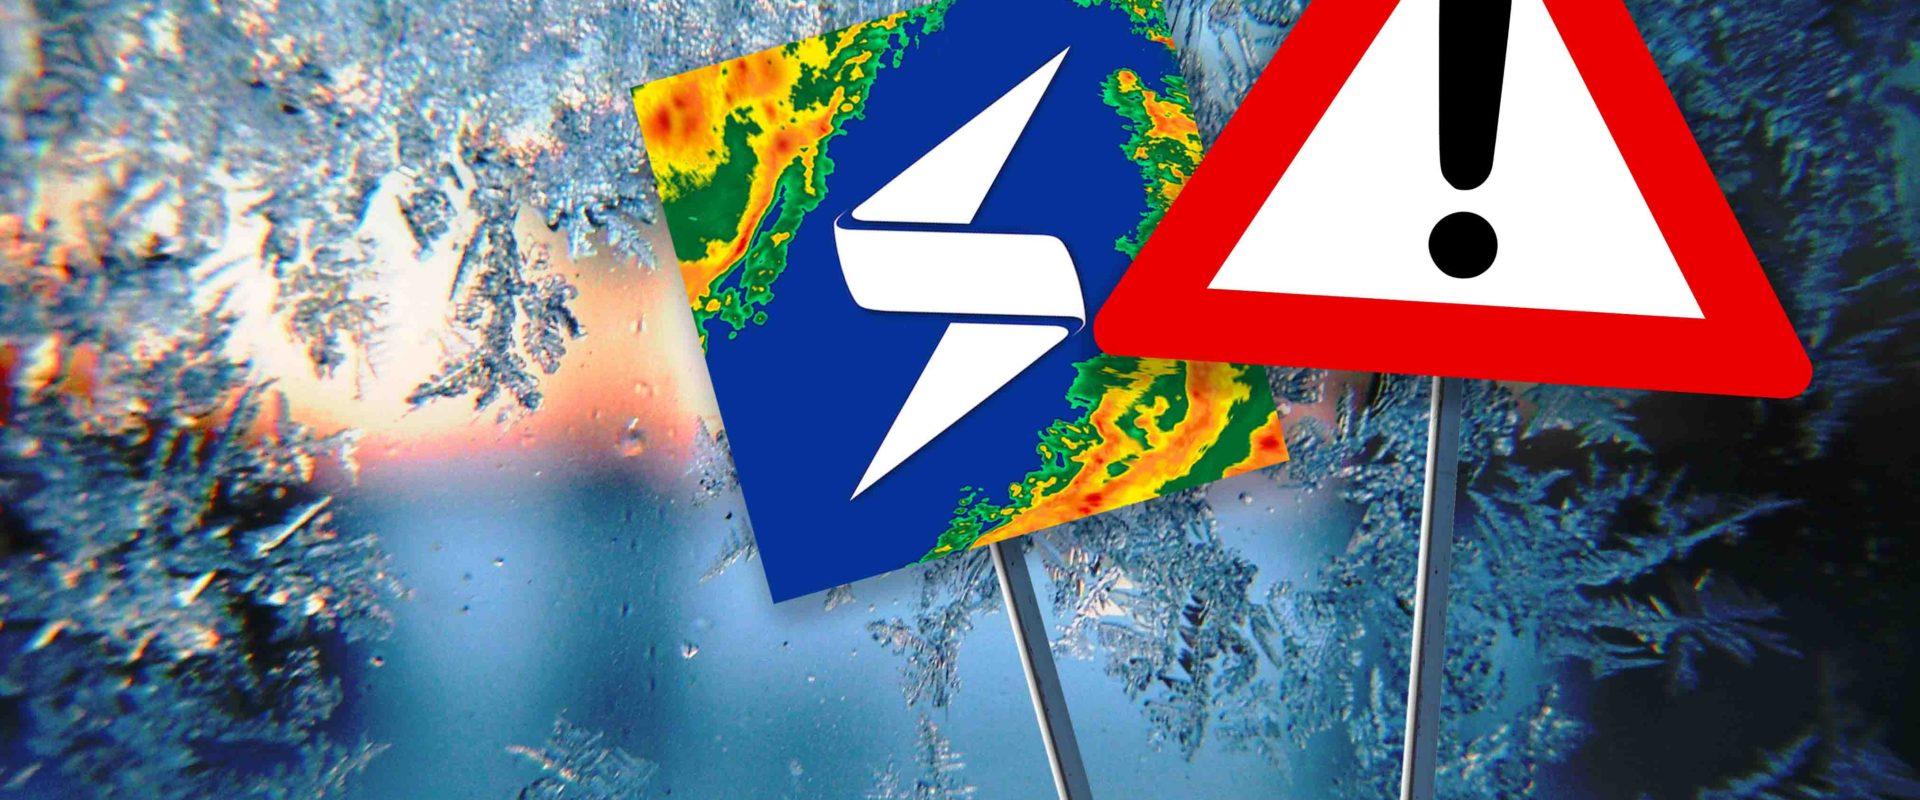 Permalink zu:App des Monats: Storm Radar